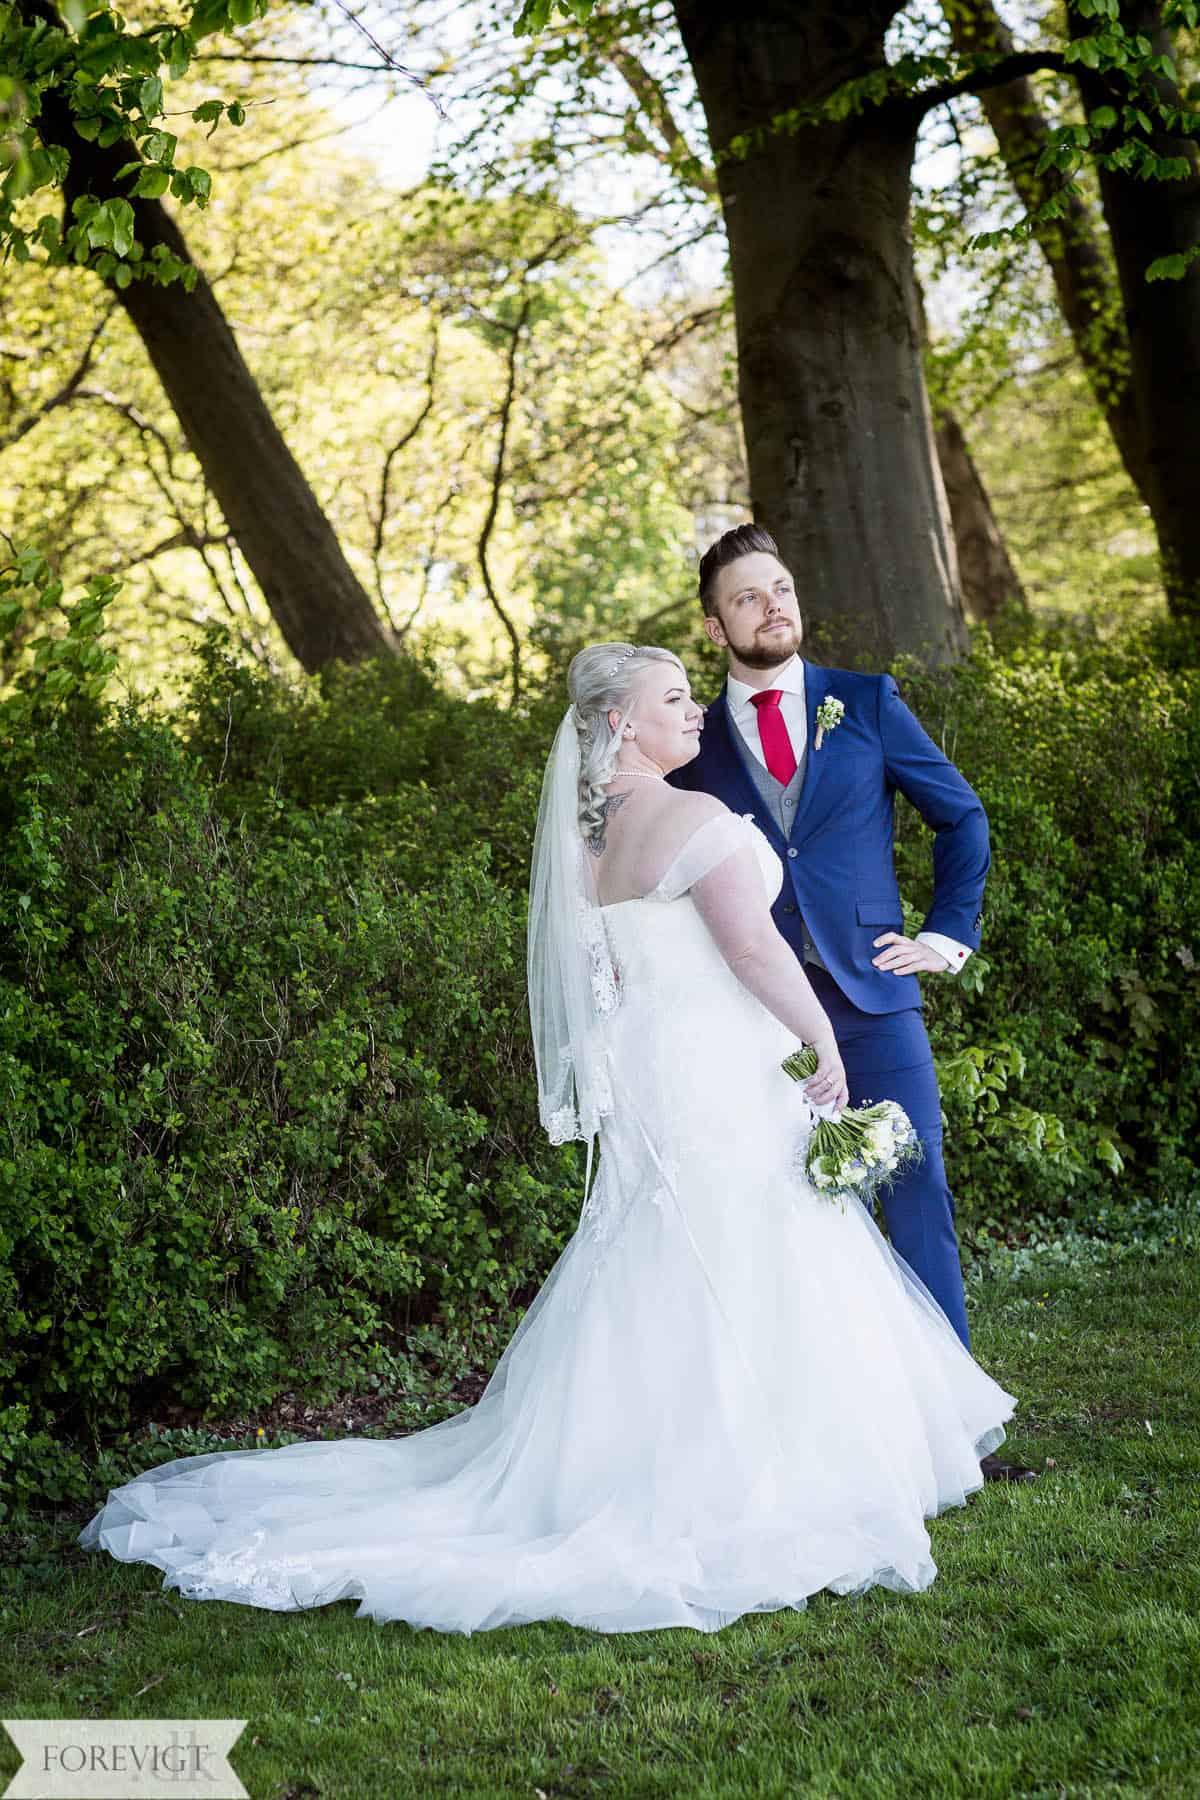 Fotograf Holbæk - Fotograf bryllup - Professionel bryllupsfoto